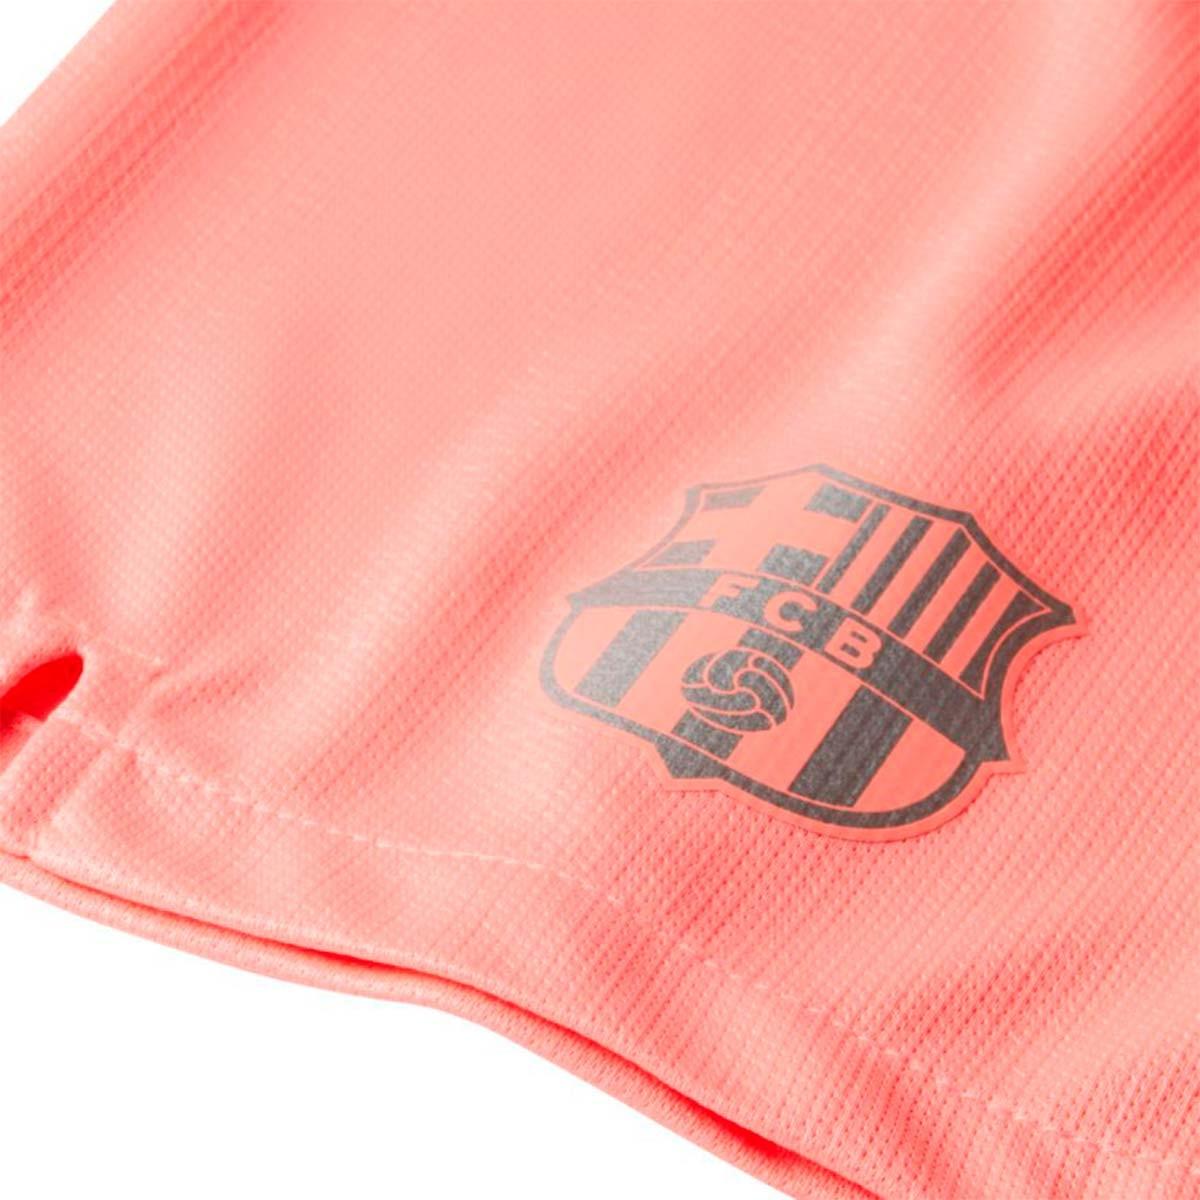 70445352503de Pantalón corto Nike FC Barcelona Stadium Tercera Equipación 2018-2019 Niño  Light atomic pink-Silver - Tienda de fútbol Fútbol Emotion